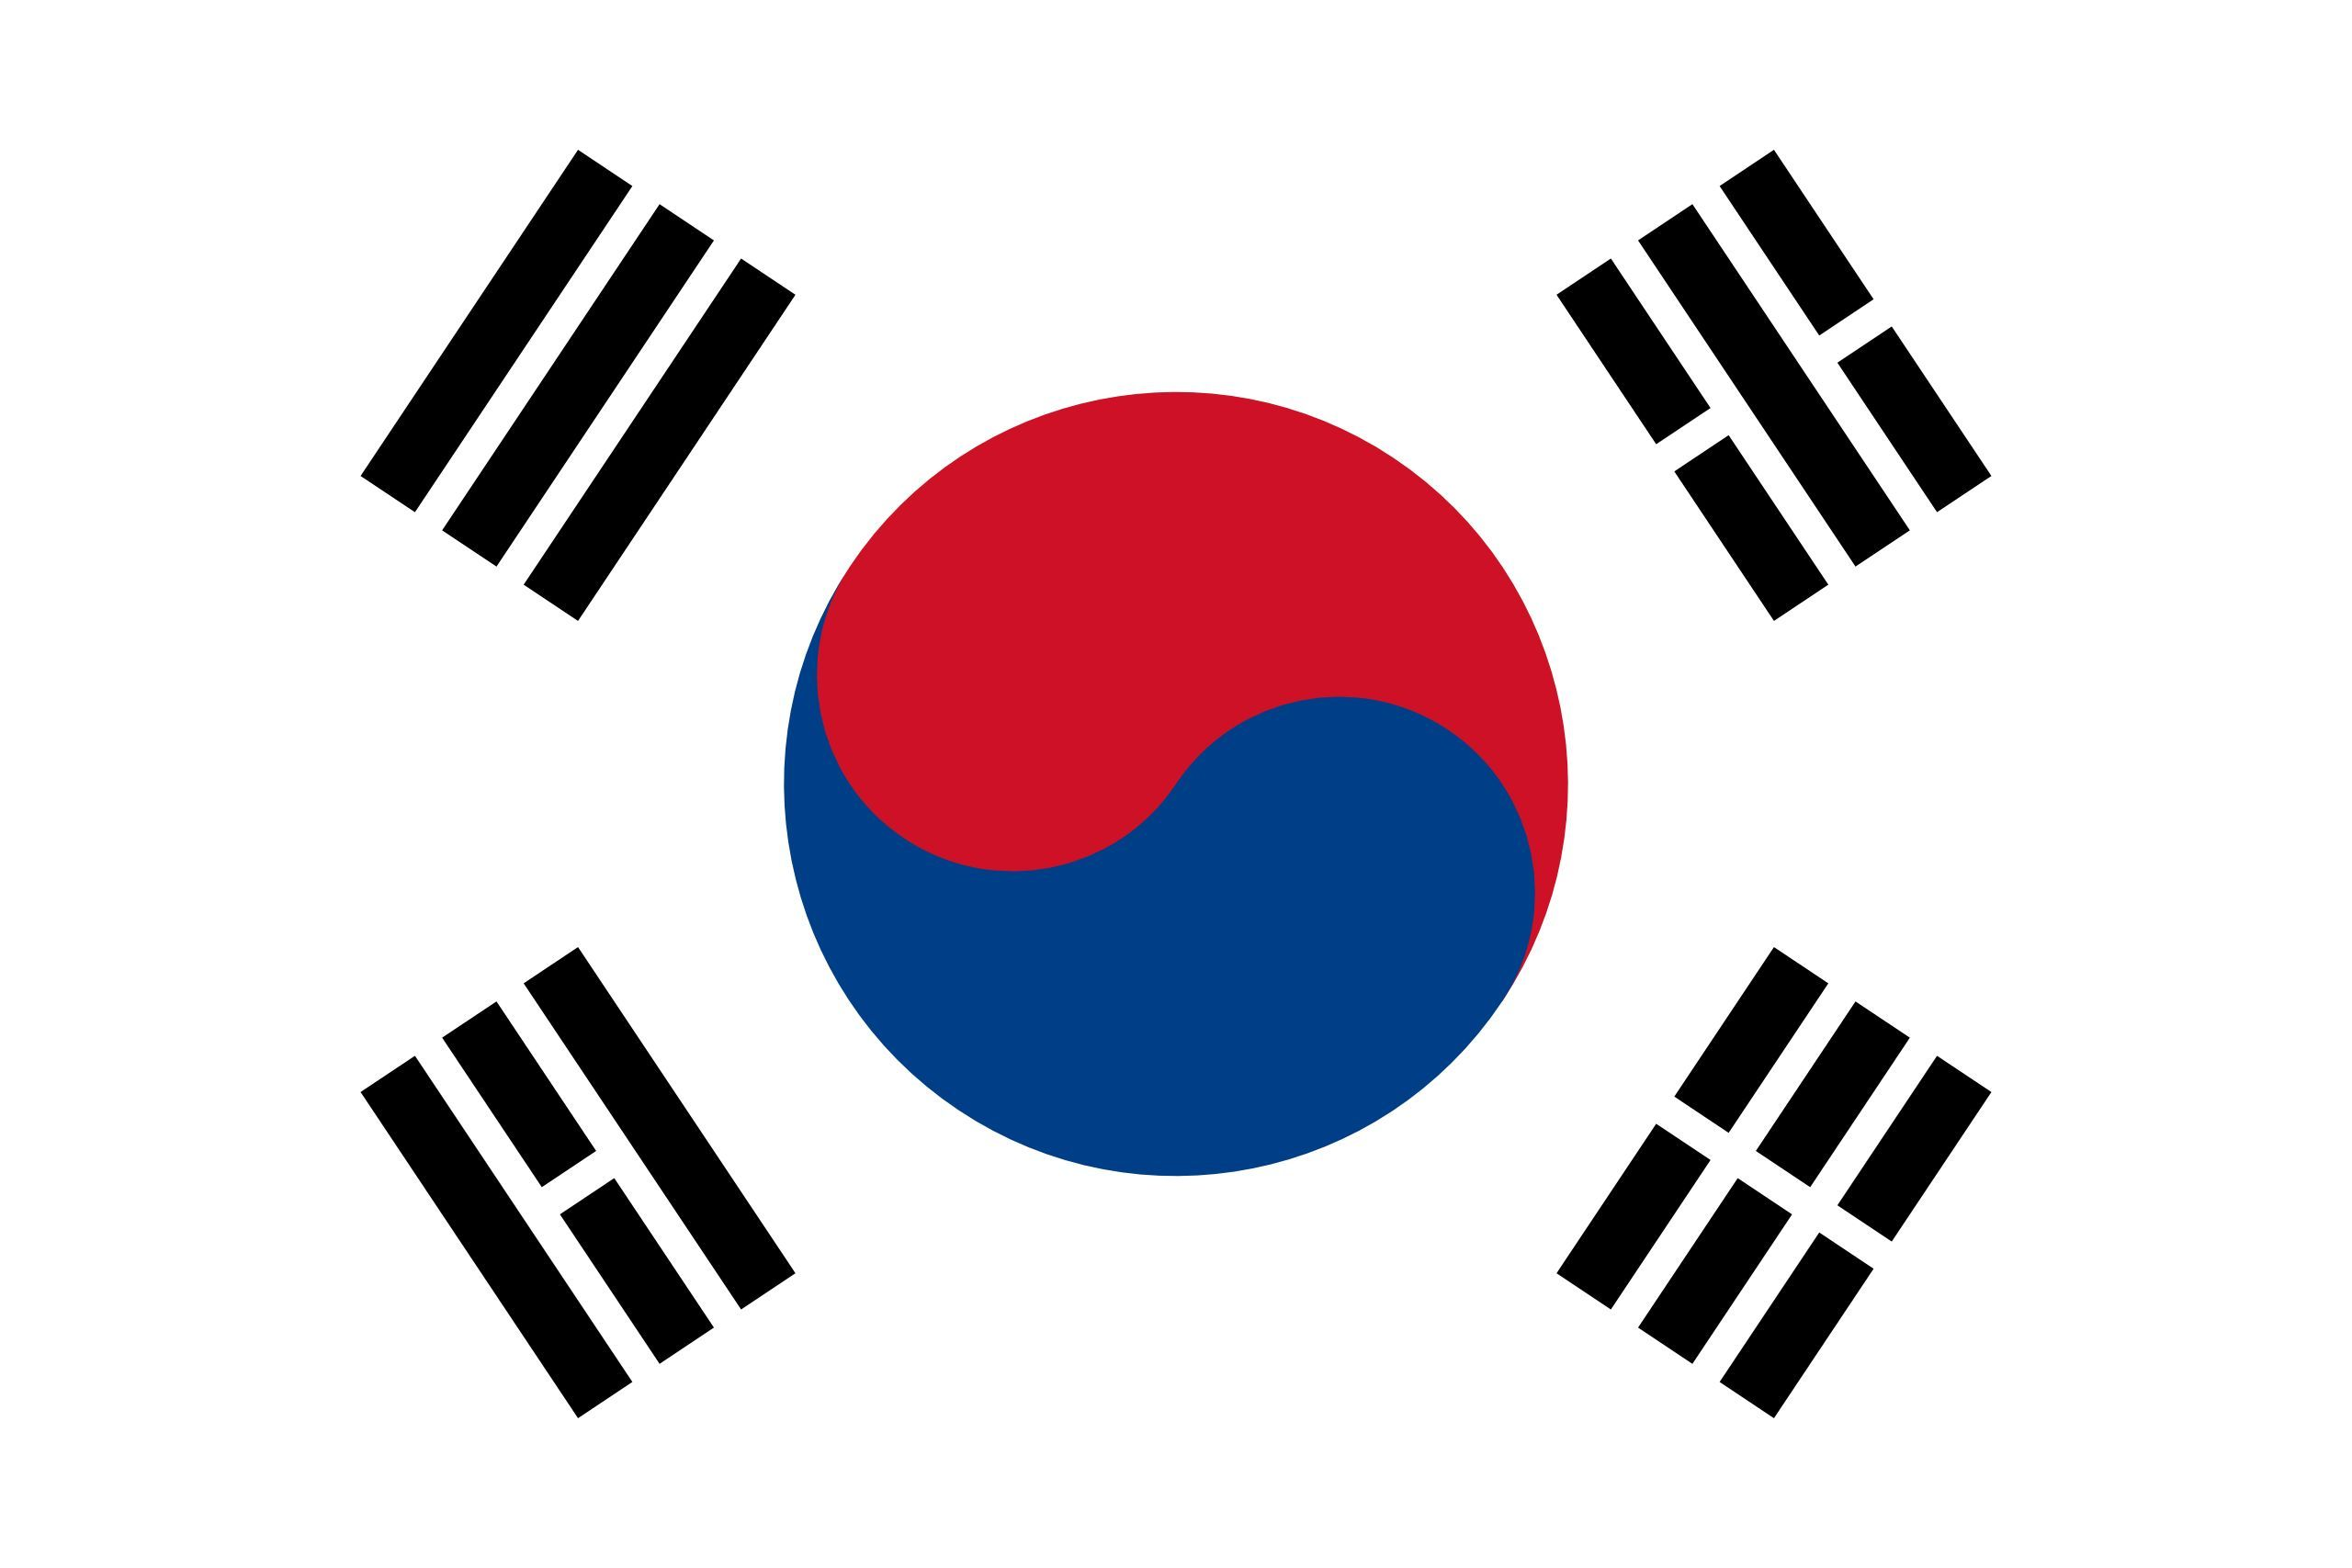 ¿Cuál es la moneda de Corea del Sur?